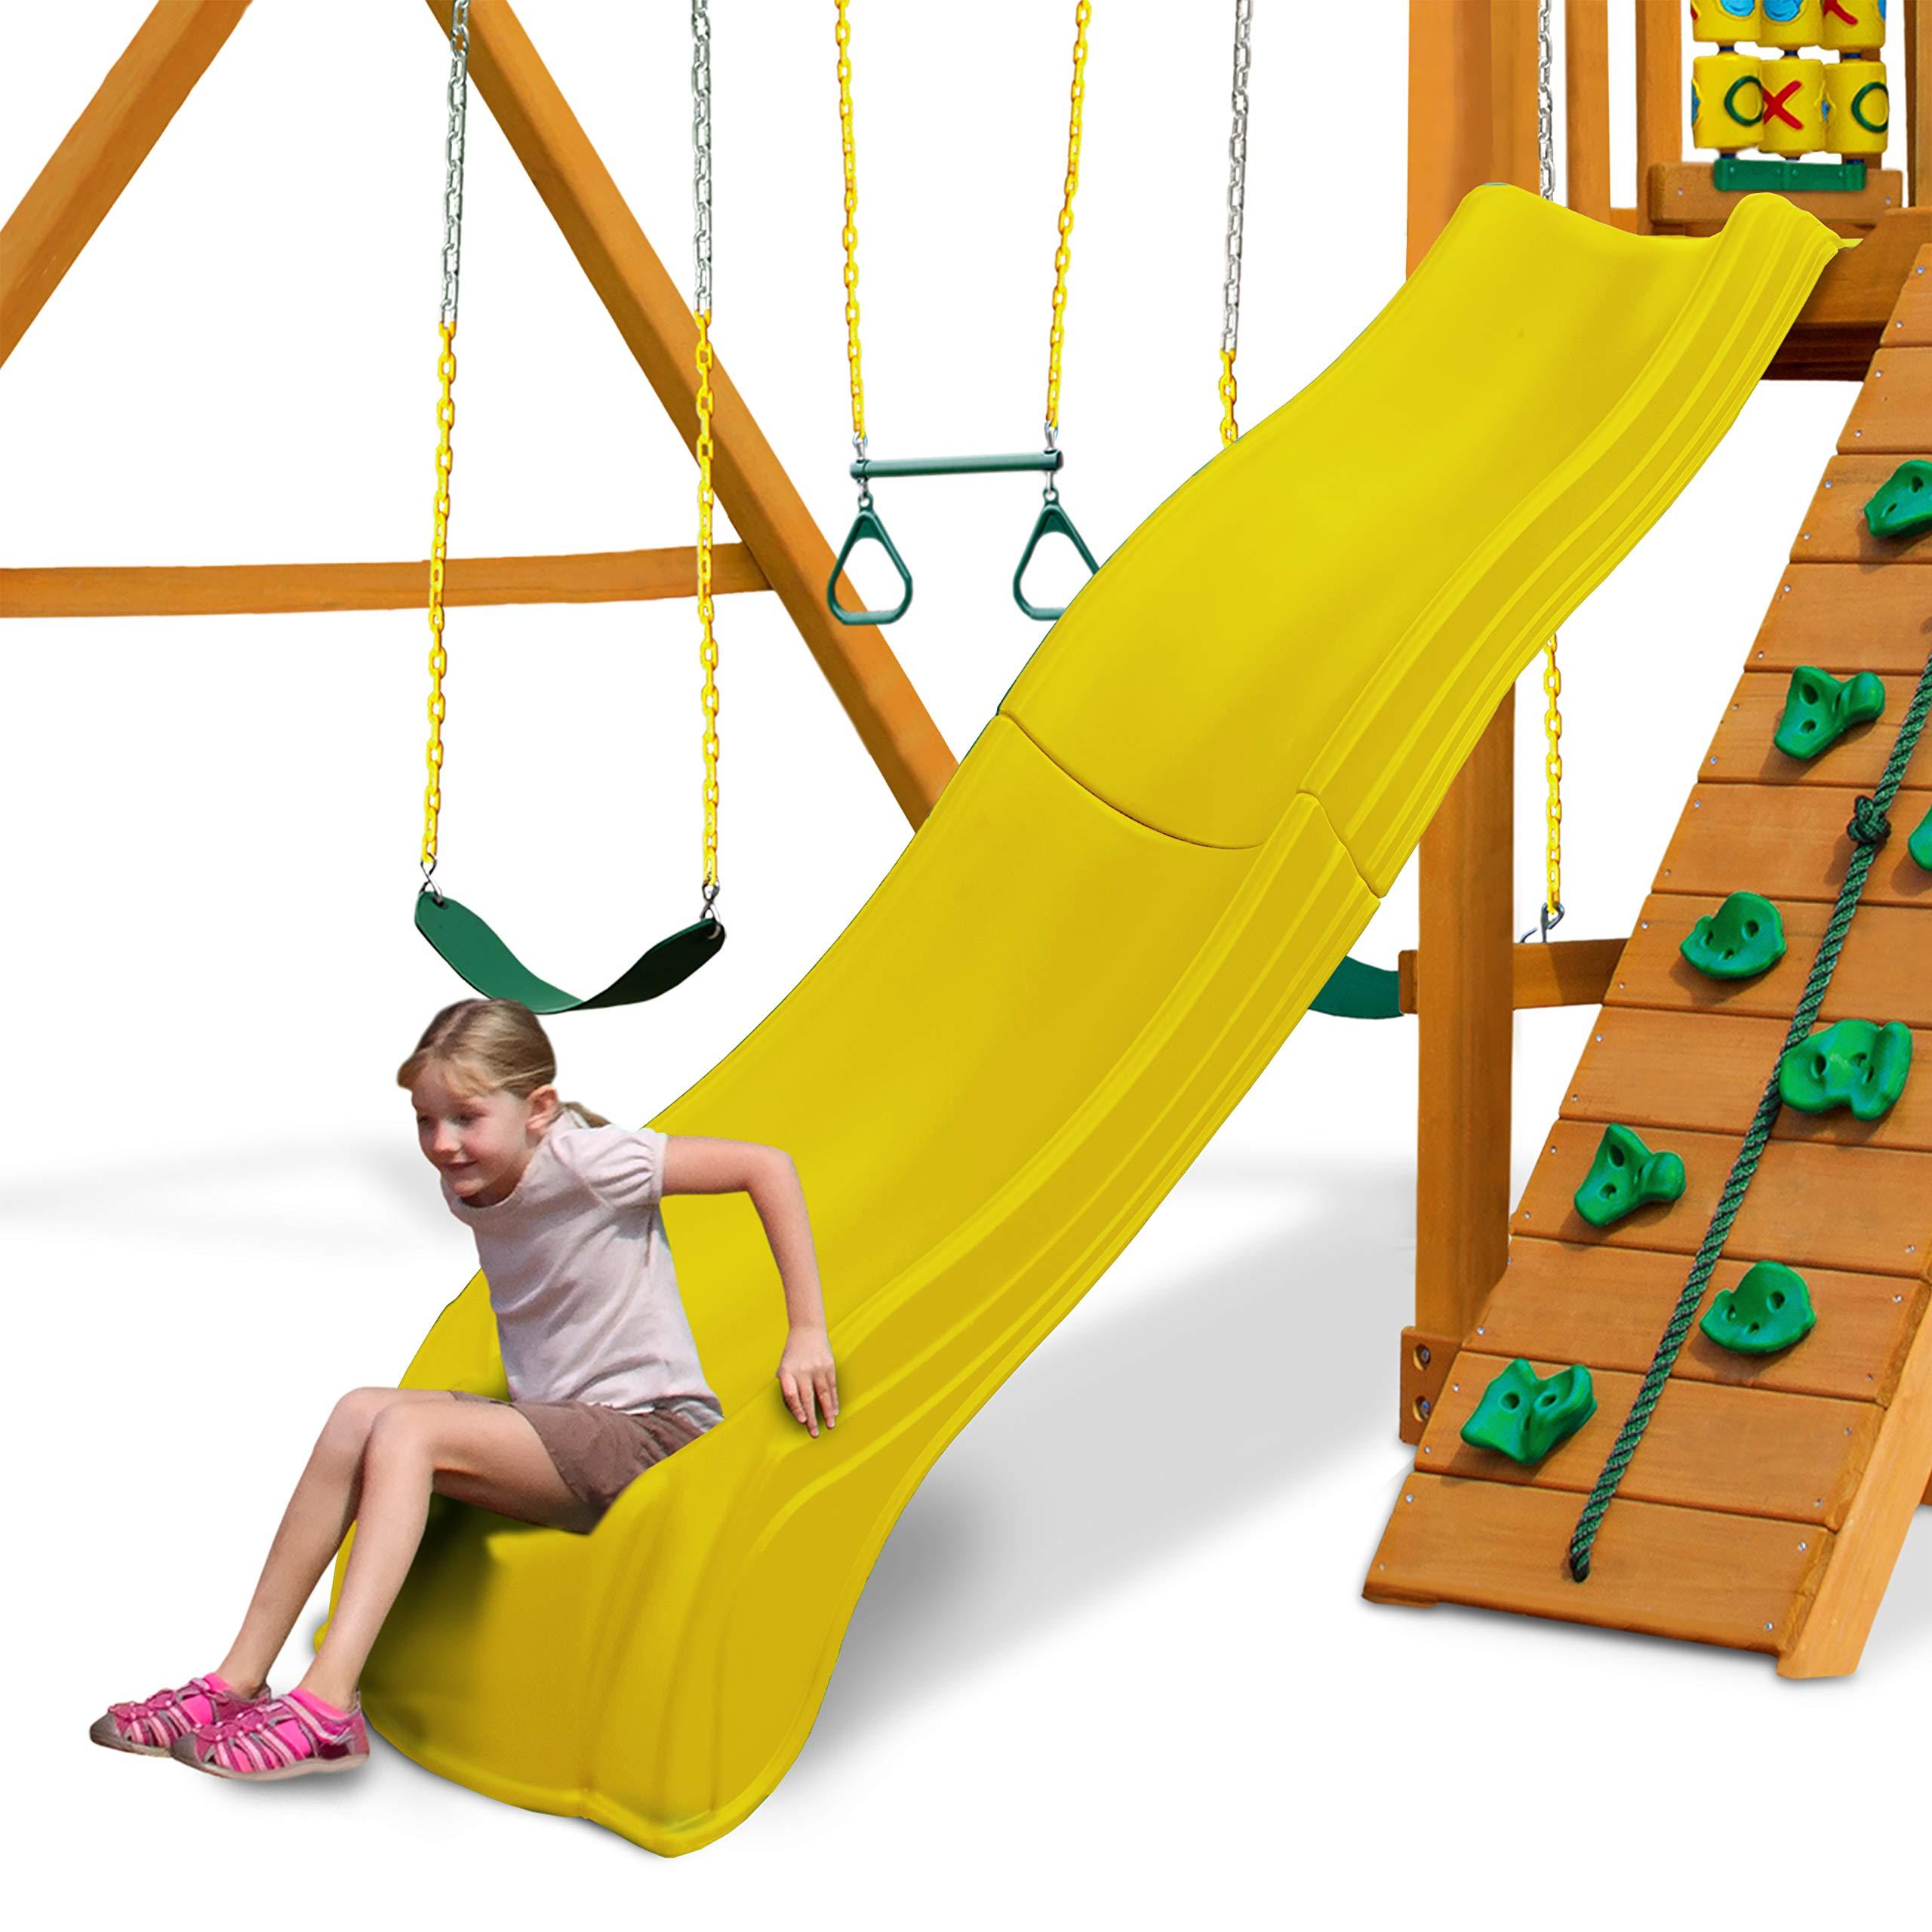 Swing-N-Slide WS 5031 Olympus Wave Slide 2 Piece Plastic Slide for 5' Decks, Yellow by Swing-N-Slide (Image #6)